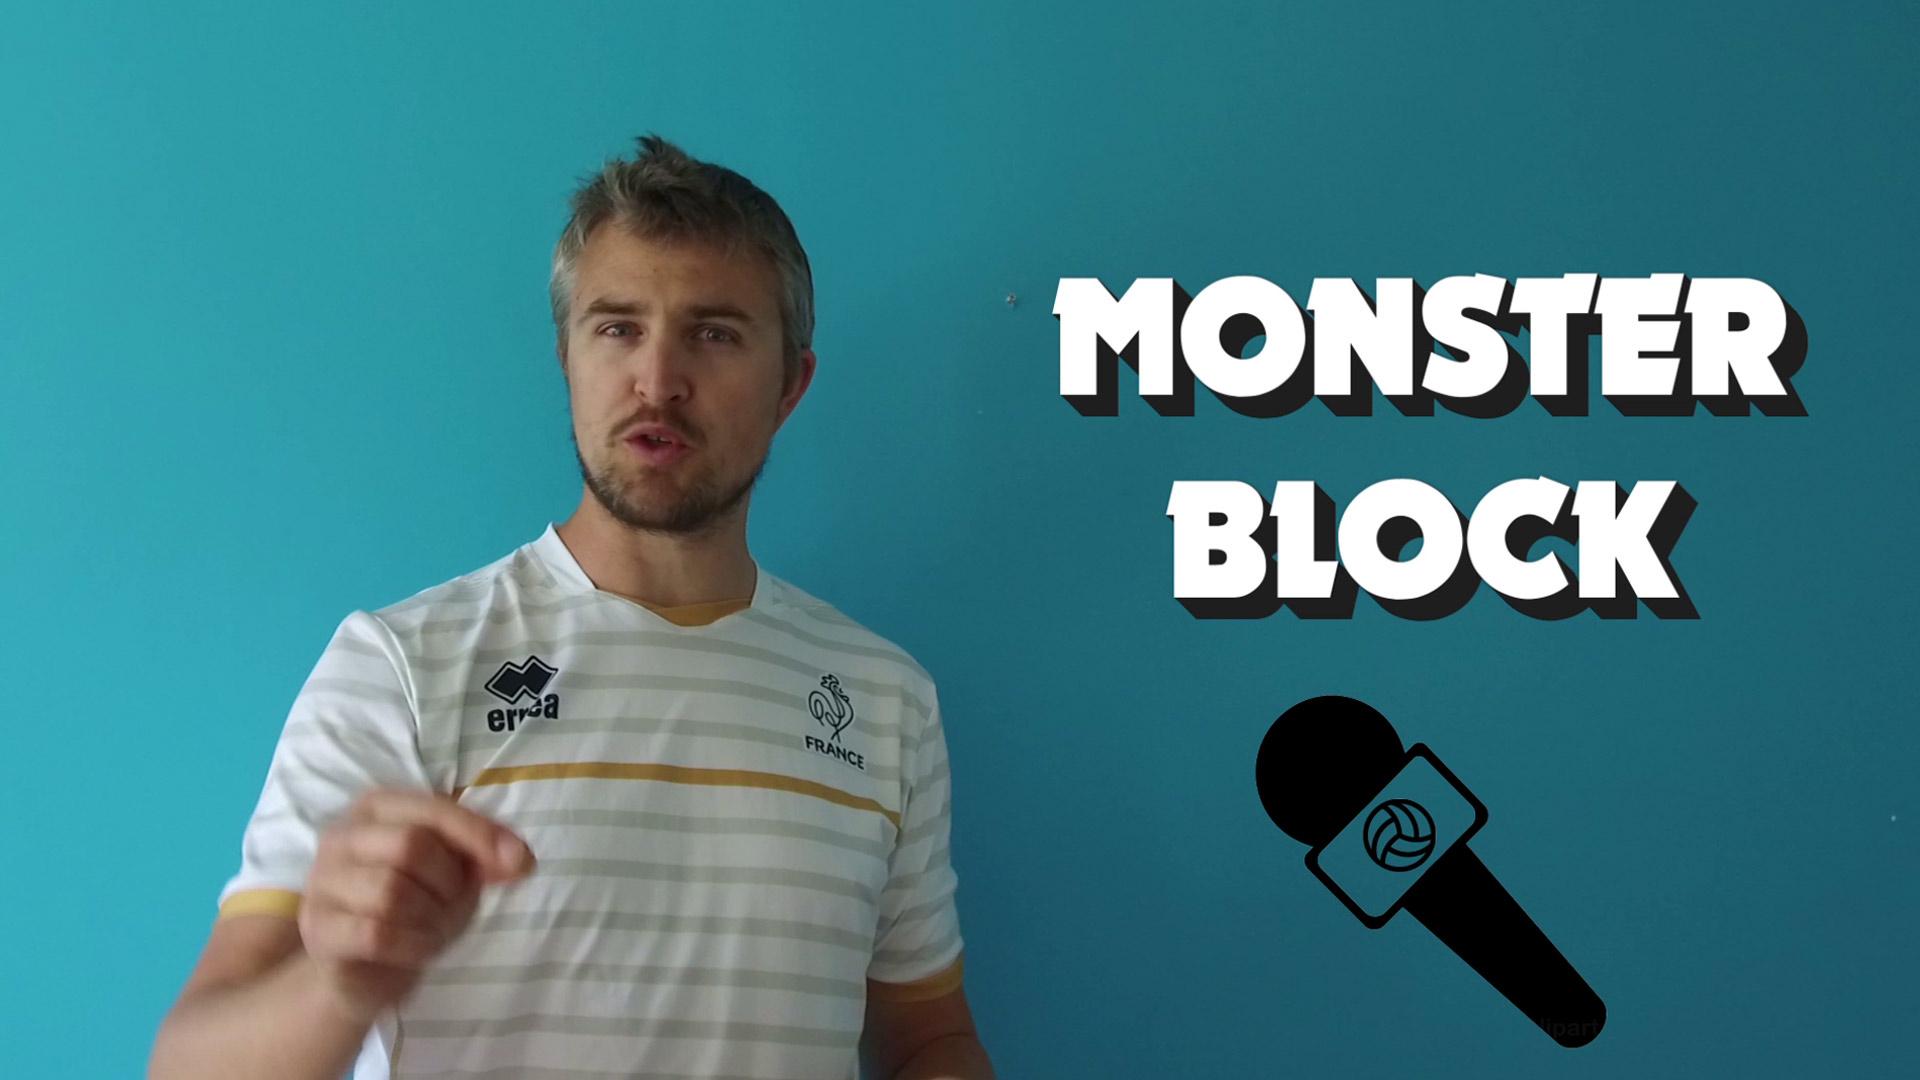 Yoan vous présente le Monster Block